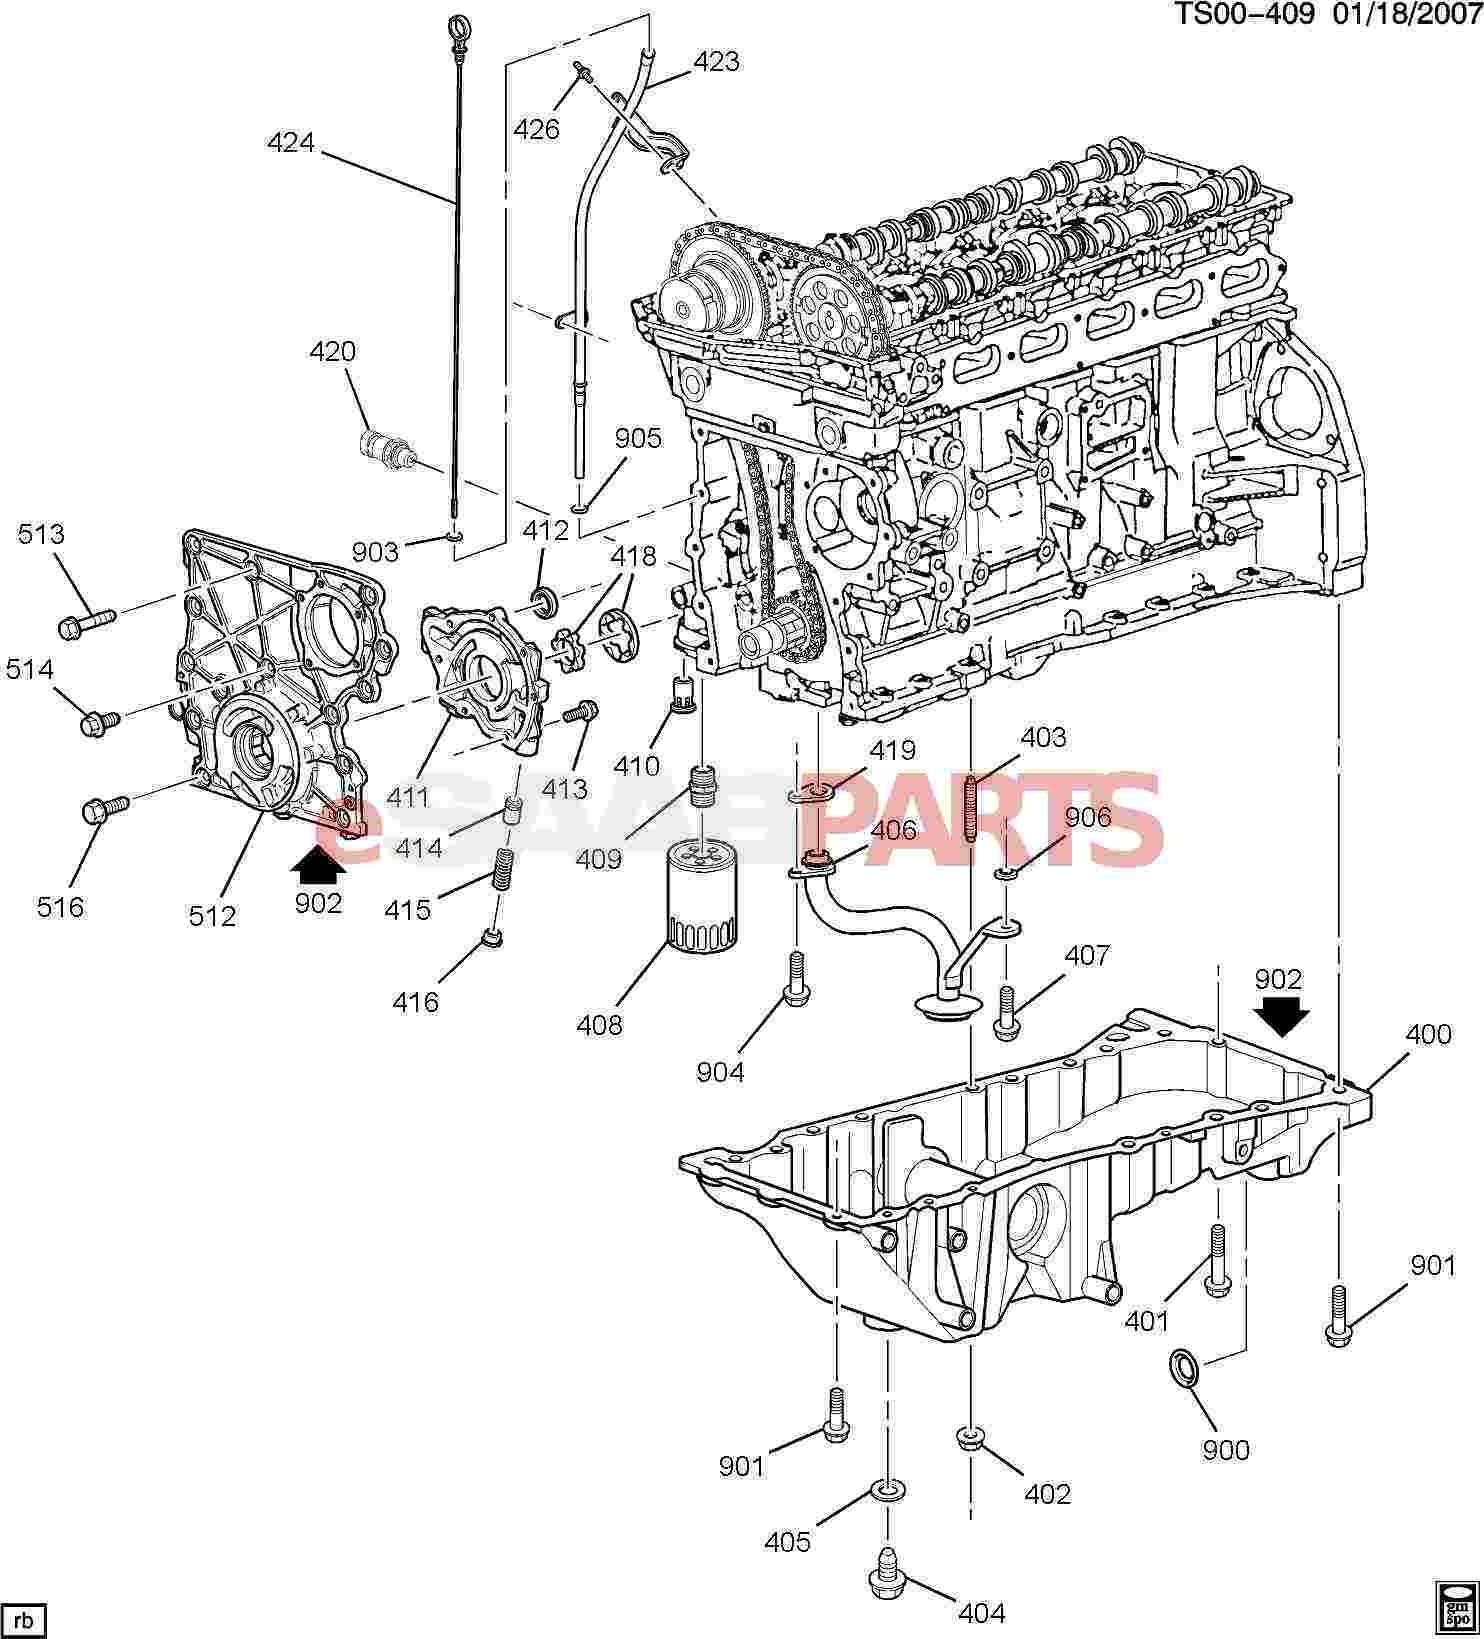 Chevy Trailblazer Wiring Schematic